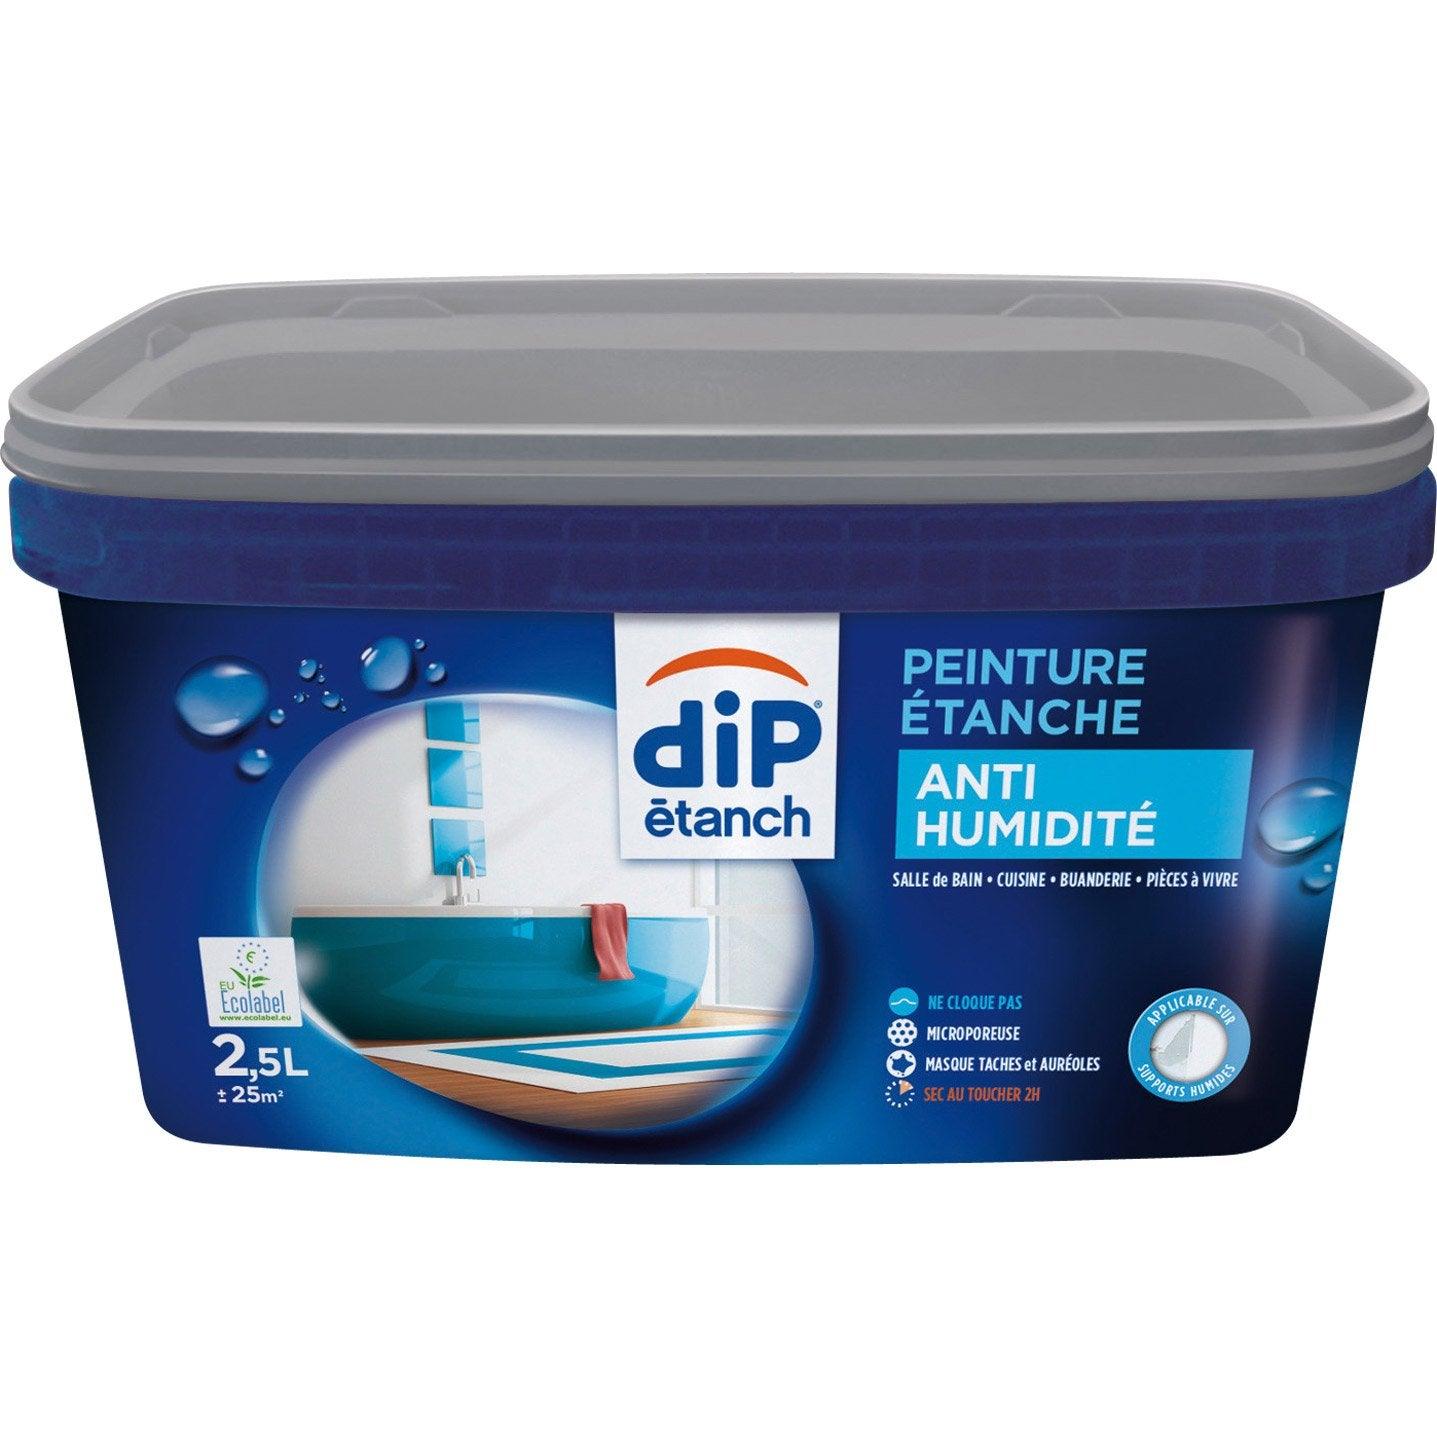 excellent produit anti humidit mur intrieur with peinture salle de bain humidit - Peinture Anti Humidite Pour Salle De Bain